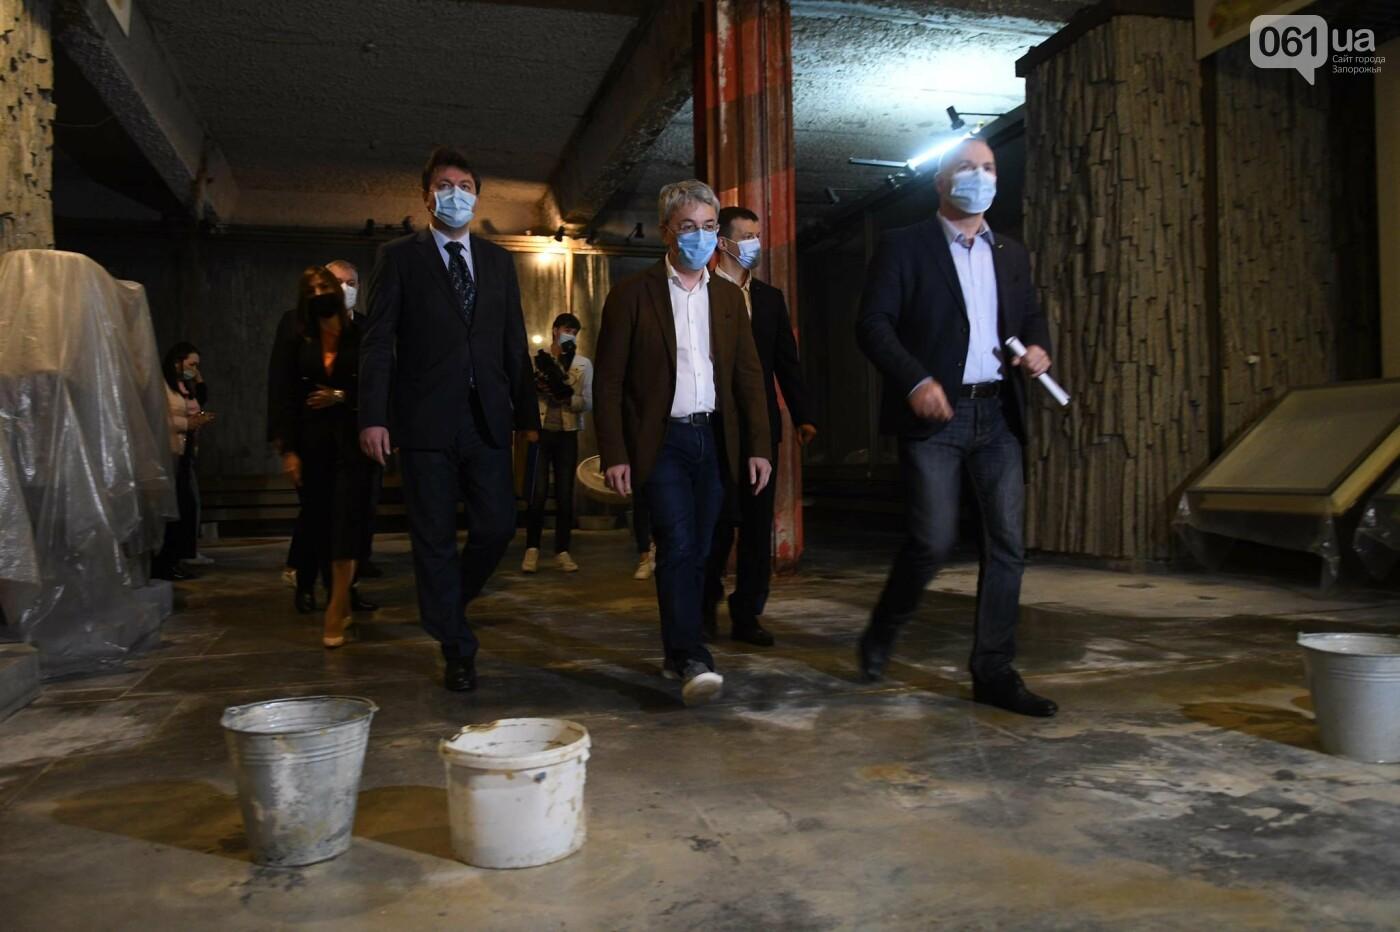 Министр культуры назвал сроки реконструкции кургана на Хортице - как будет выглядеть объект, - ФОТО, фото-1